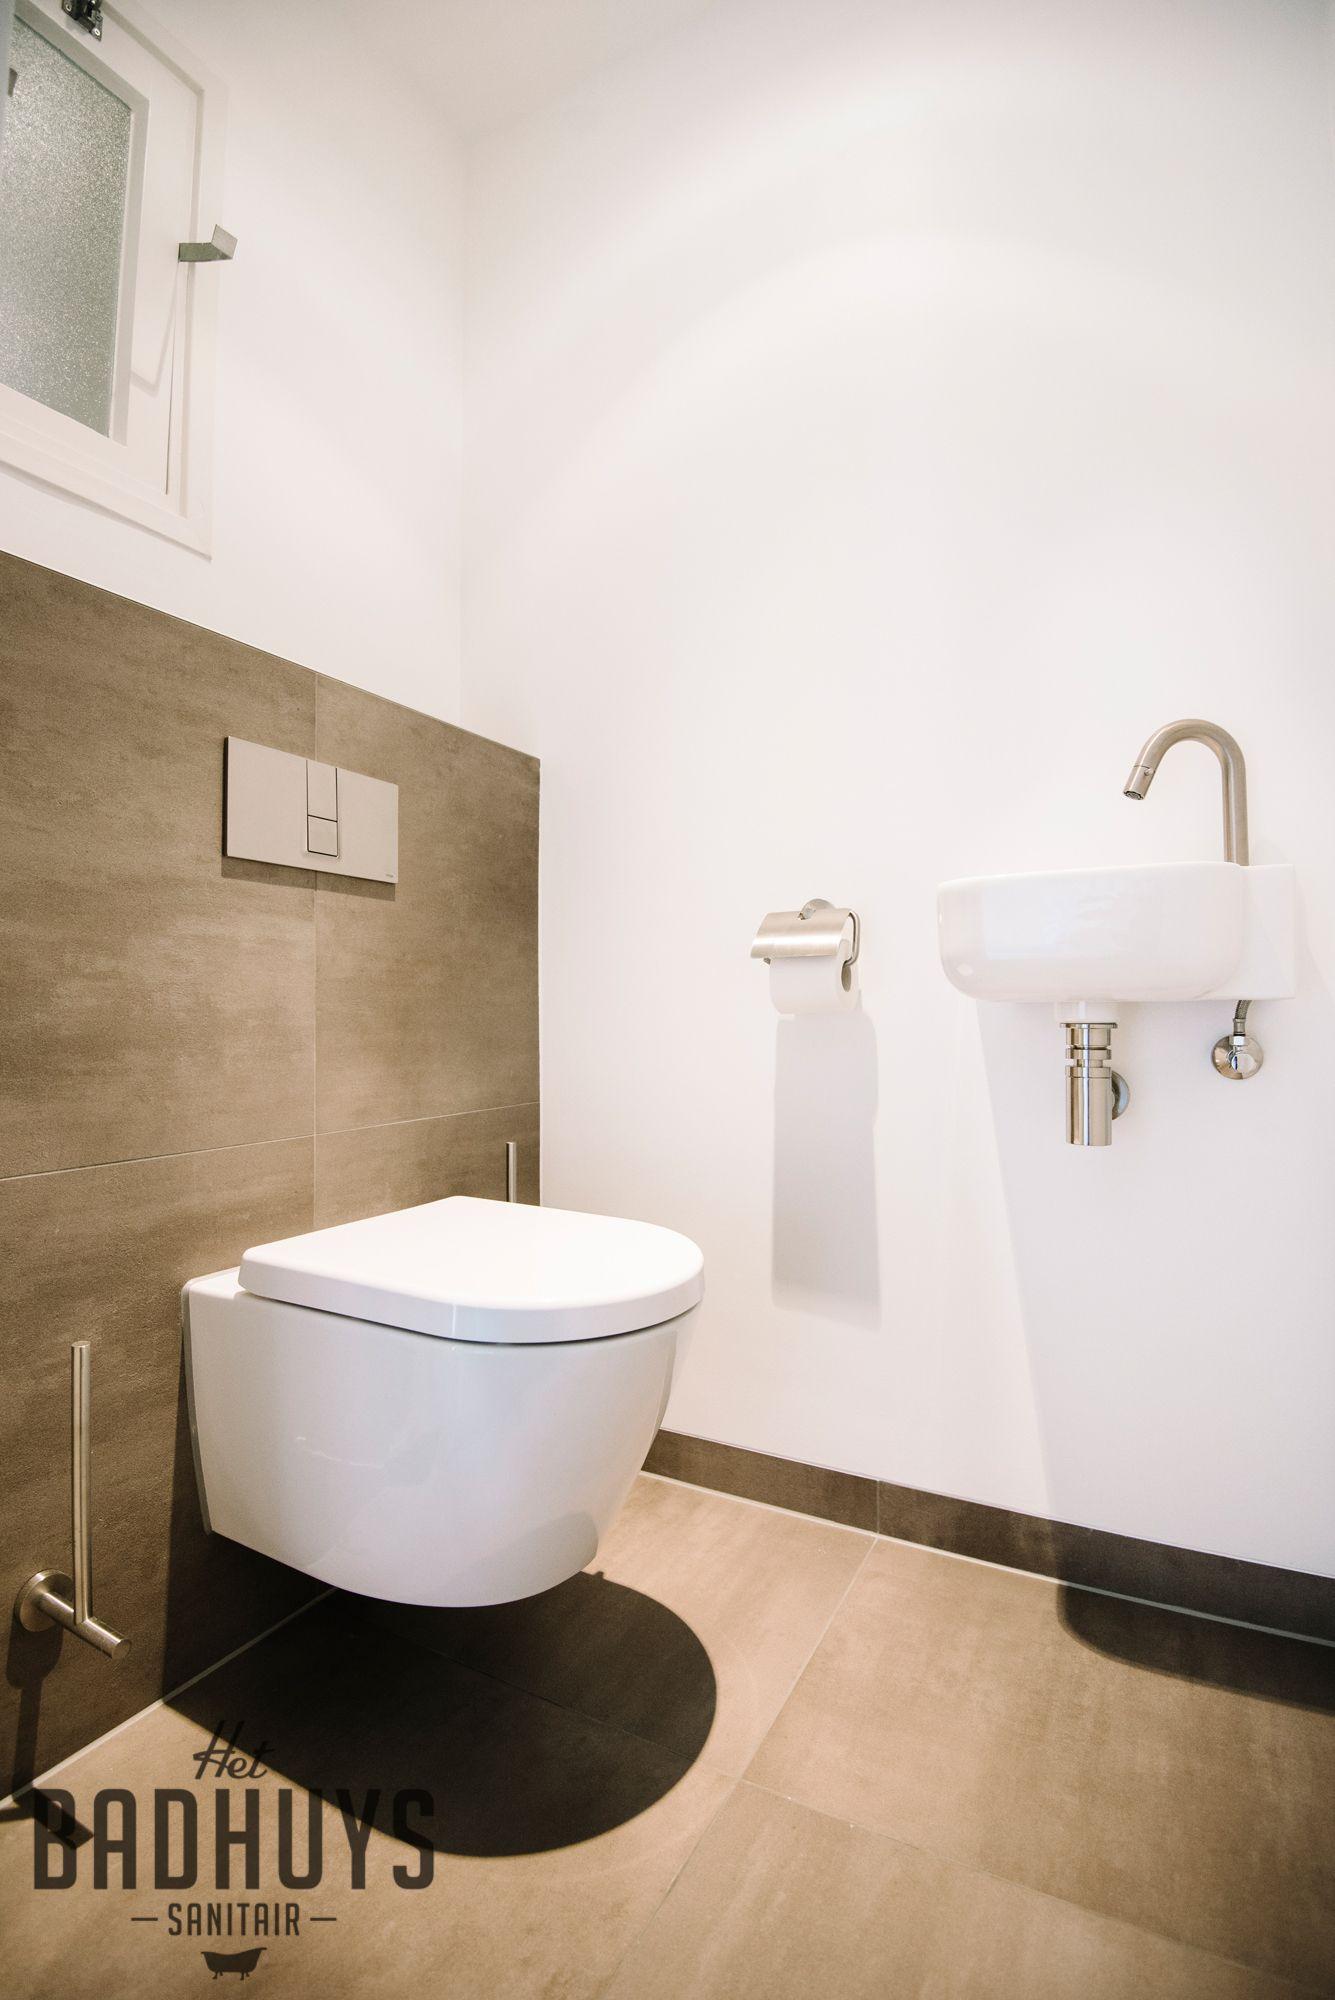 Badkamer met inloopdouche en inbouwkast | Het Badhuys | Plaatsen om ...